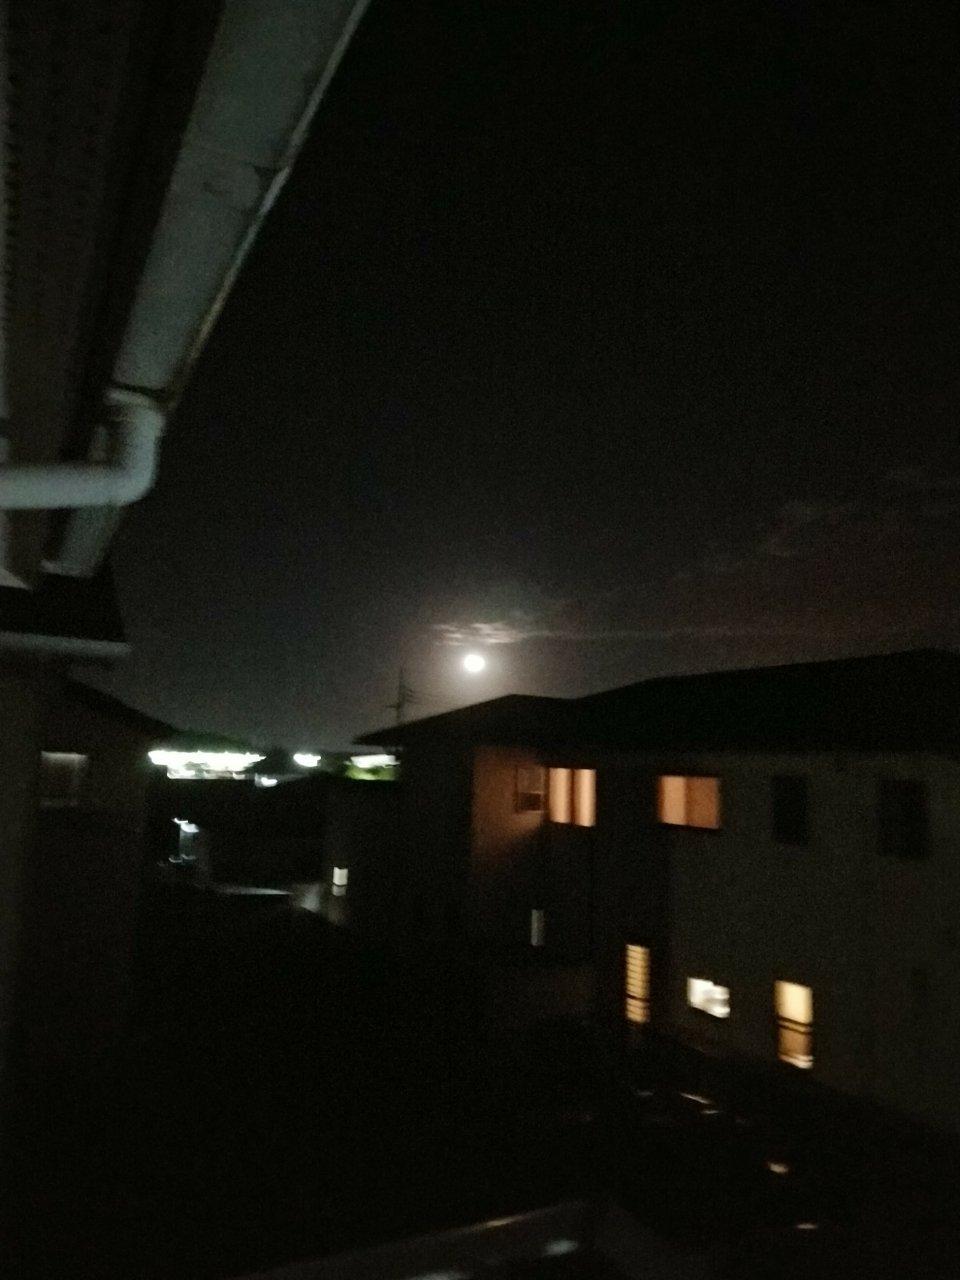 千葉県 東京 天然石 十五夜 満月 吉日 一粒万倍日 投稿写真をありがとう。